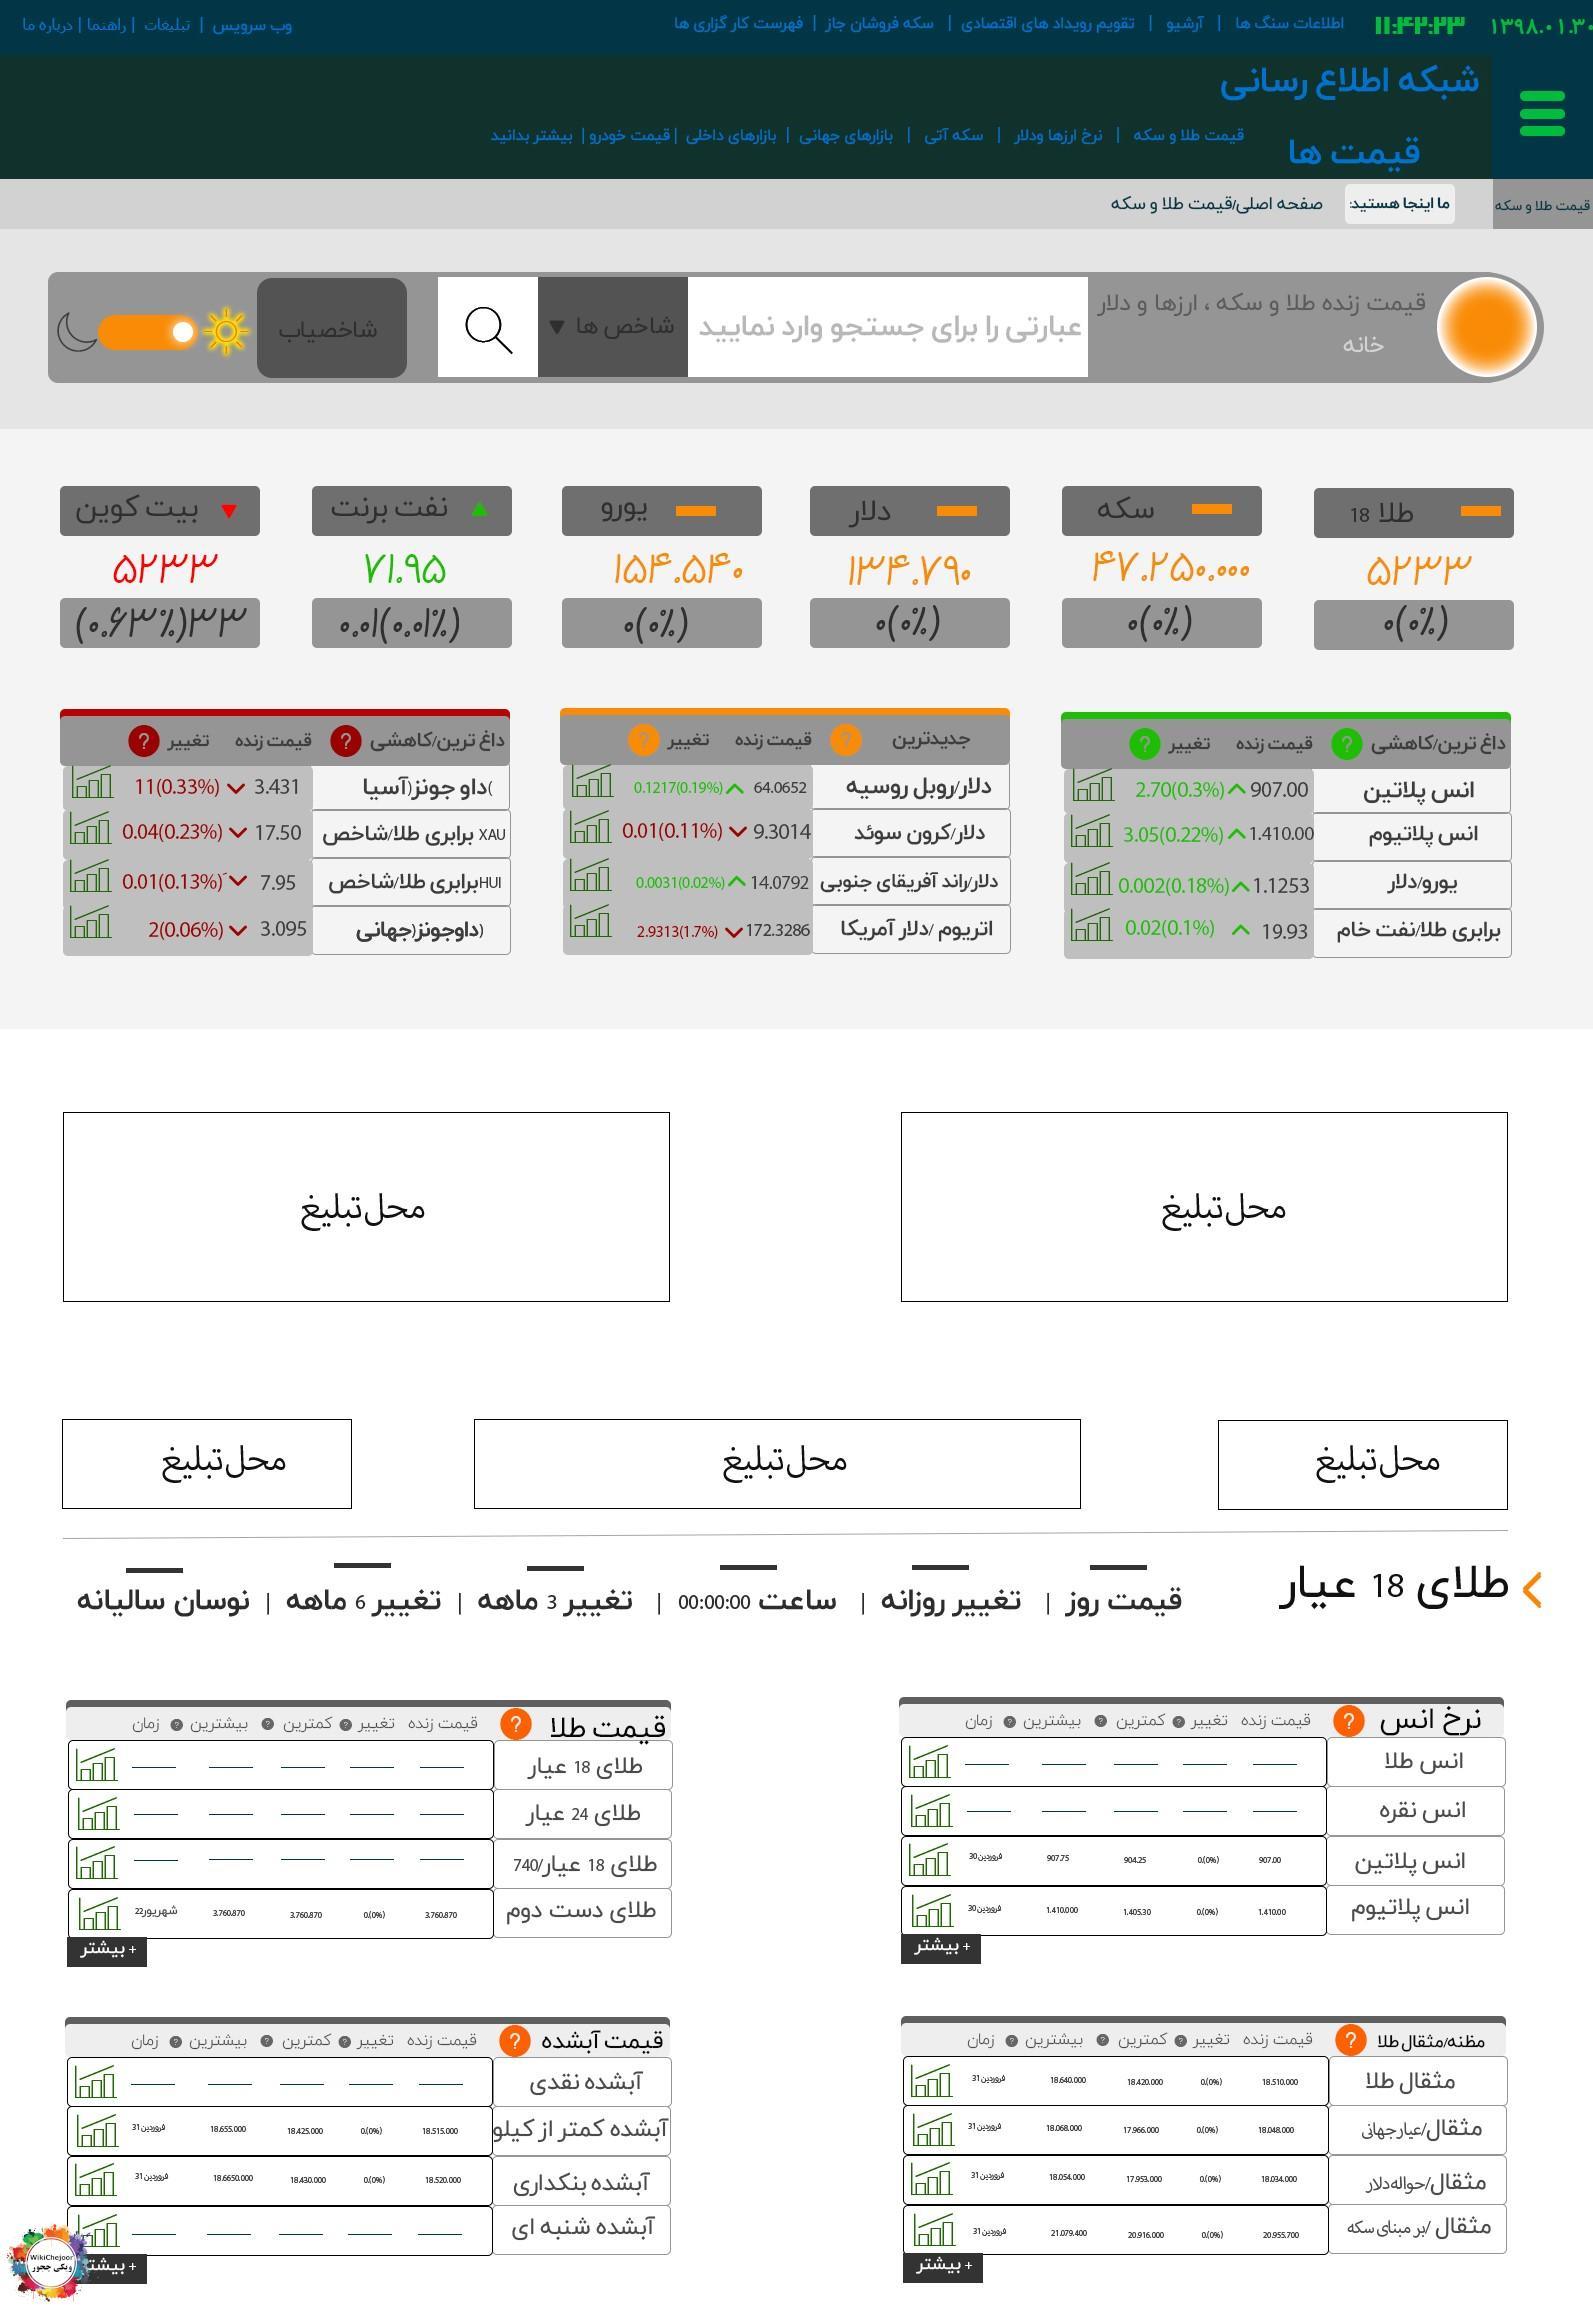 مراحل ایجاد mainسایت به کمک فتوشاپ (طراحی جدول طلا  )